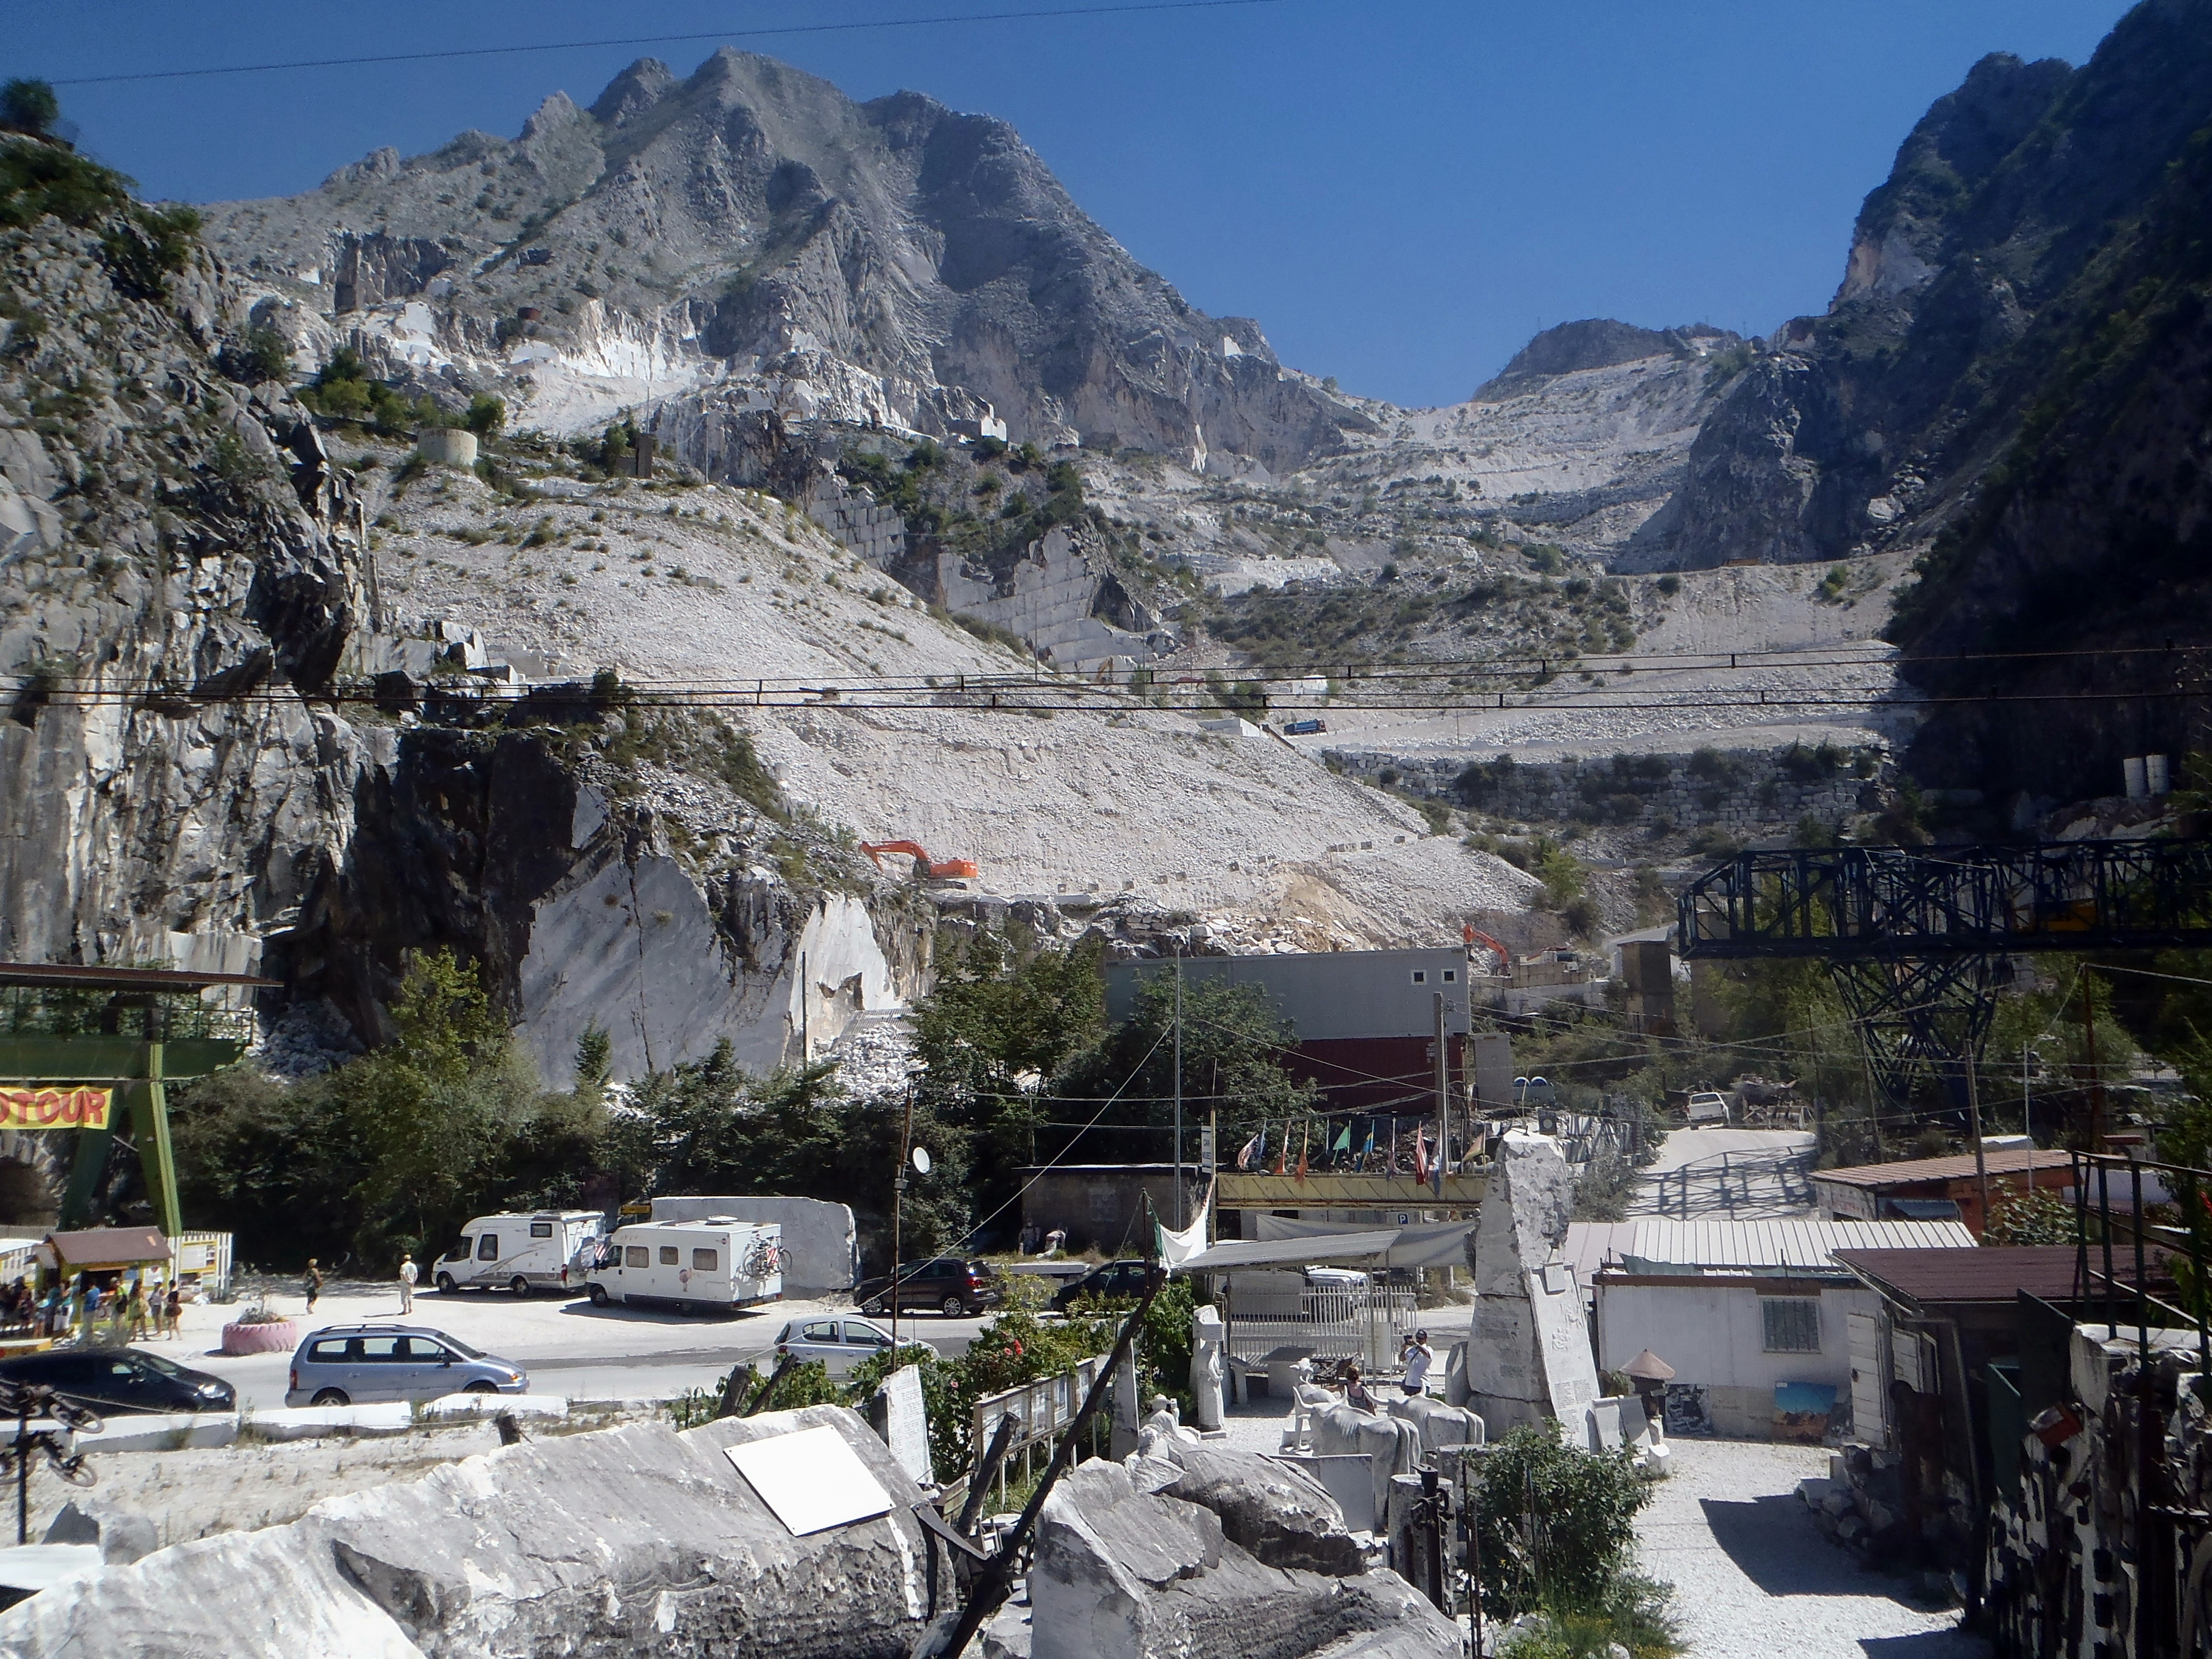 Cantera – Museo de Fantiscritti – Carrara